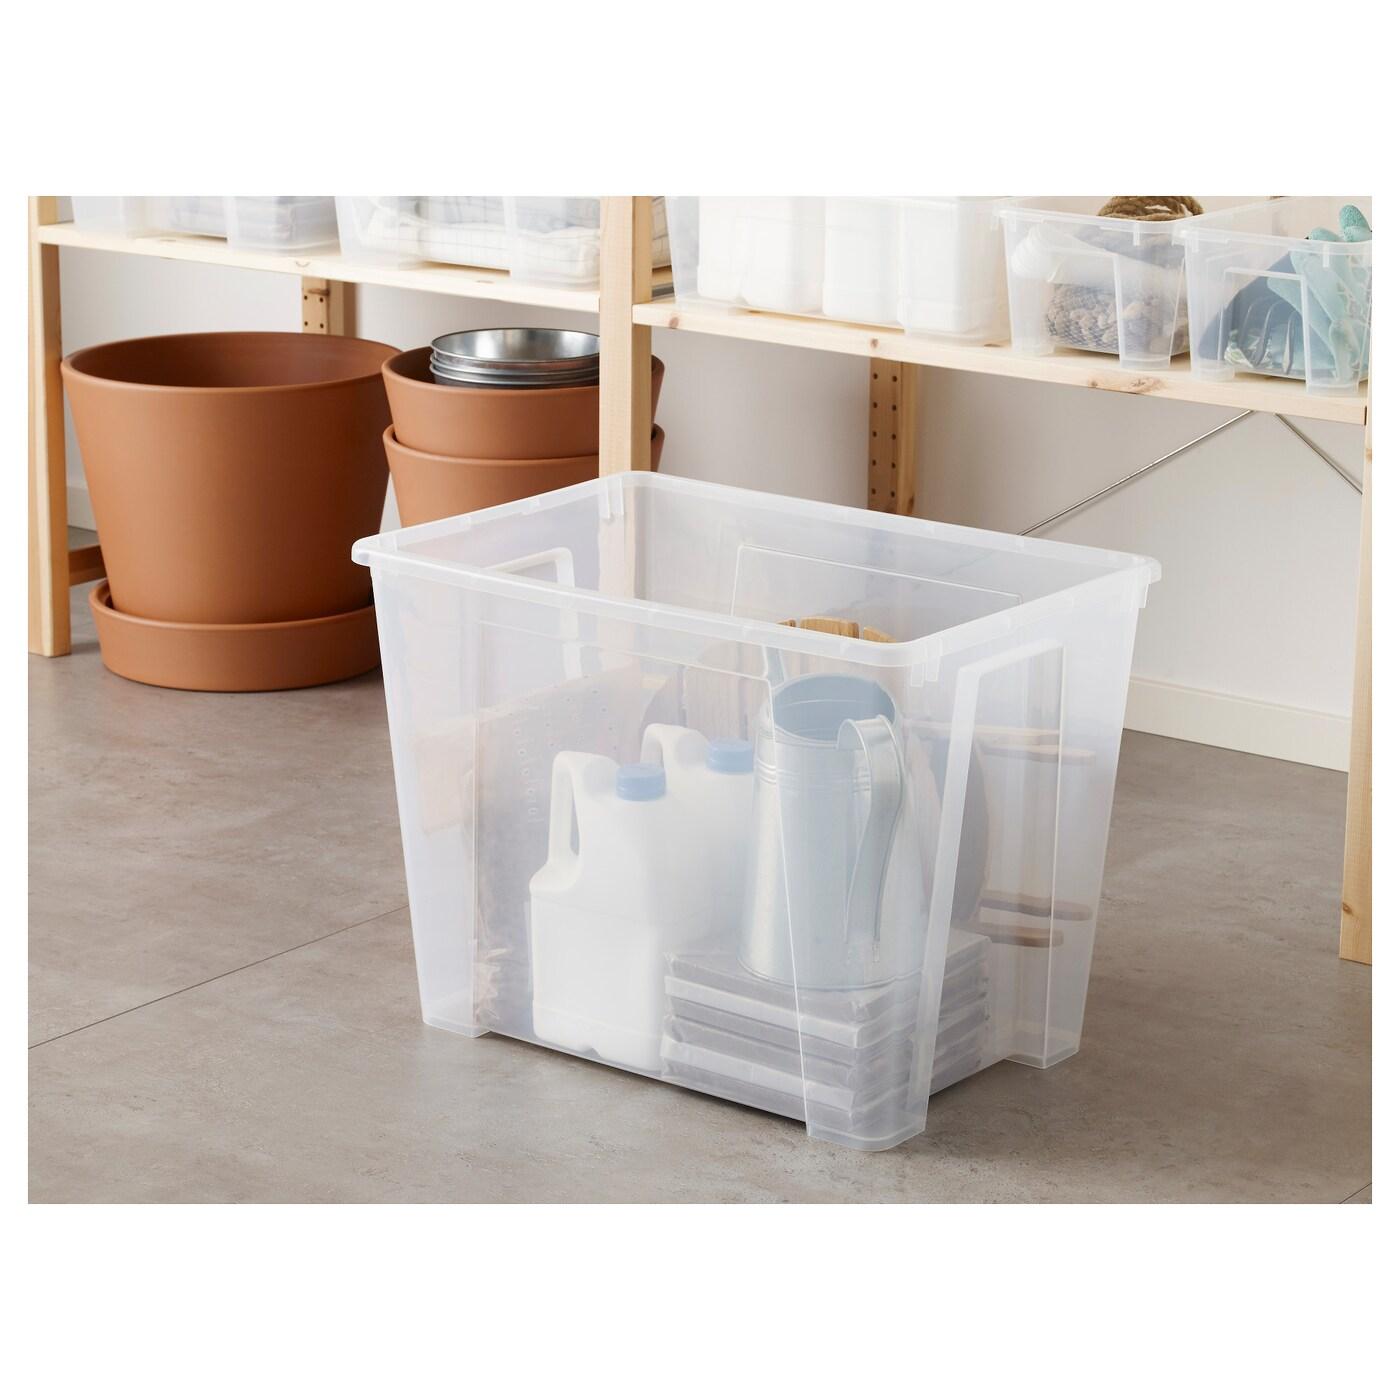 SAMLA Kutija, providno, 56x39x42 cm/65 l